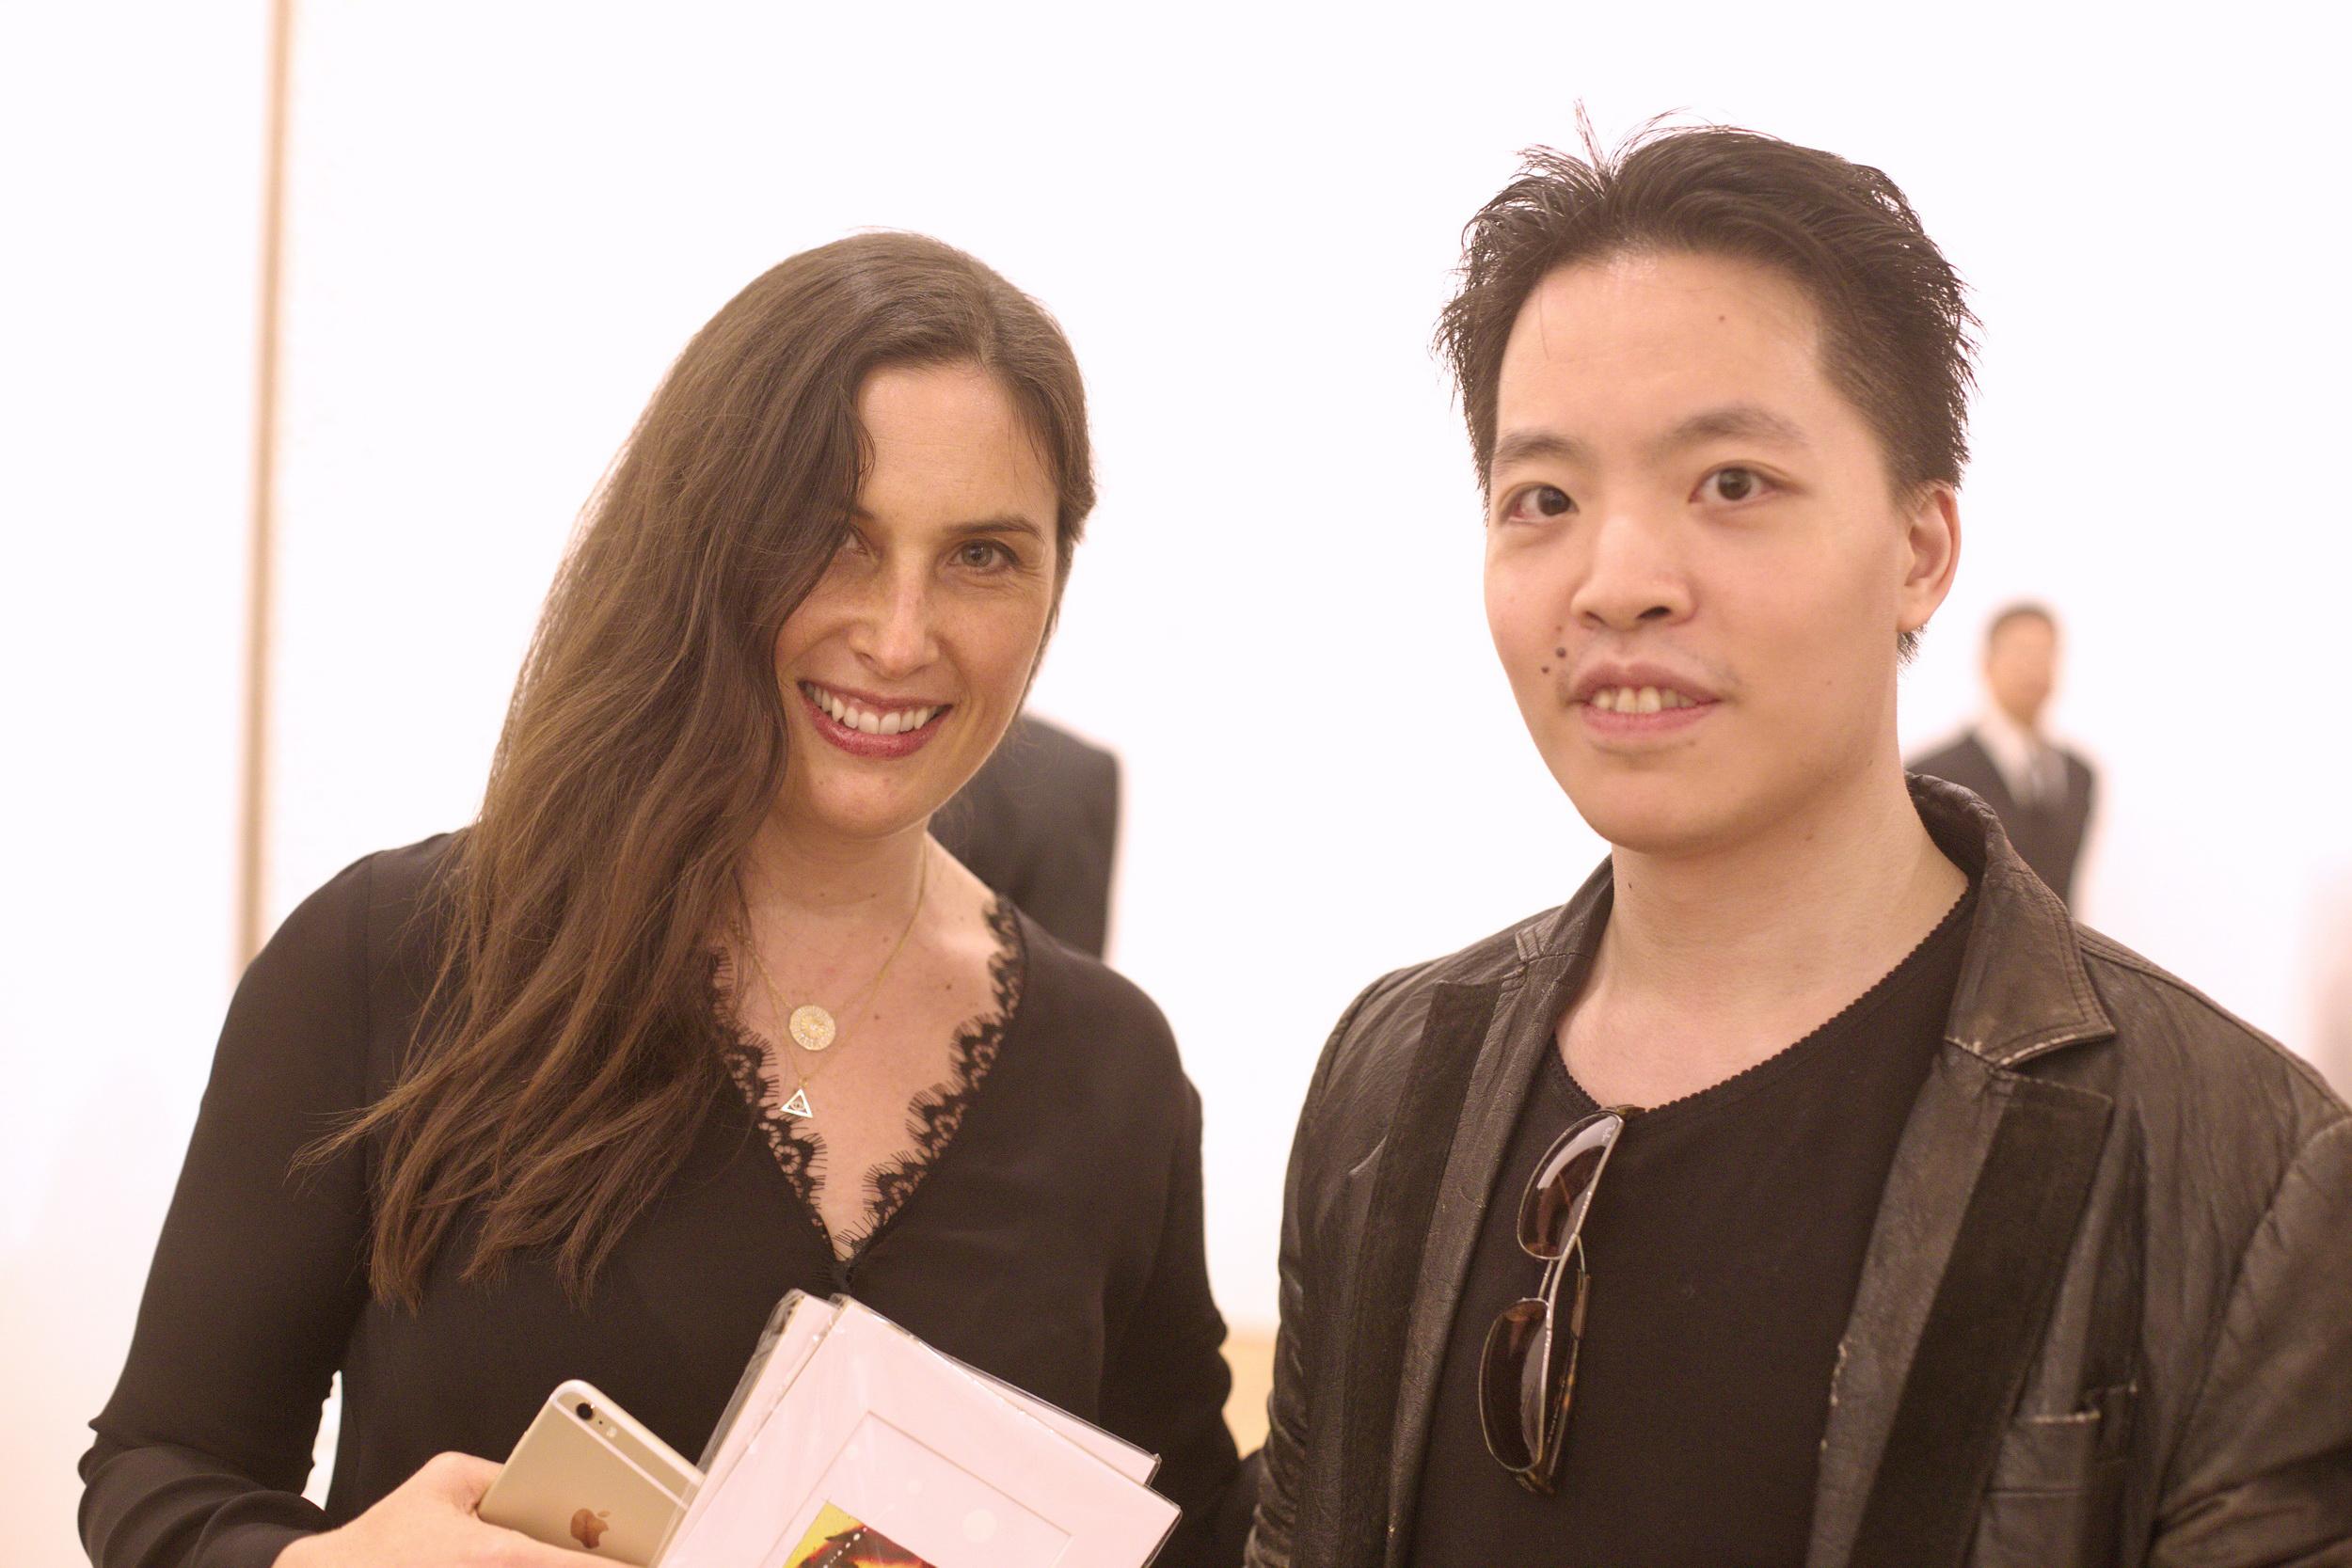 羅卓睿 Michael Andrew Law 與著名藝術家 Jennifer Guidi 珍妮弗·圭迪